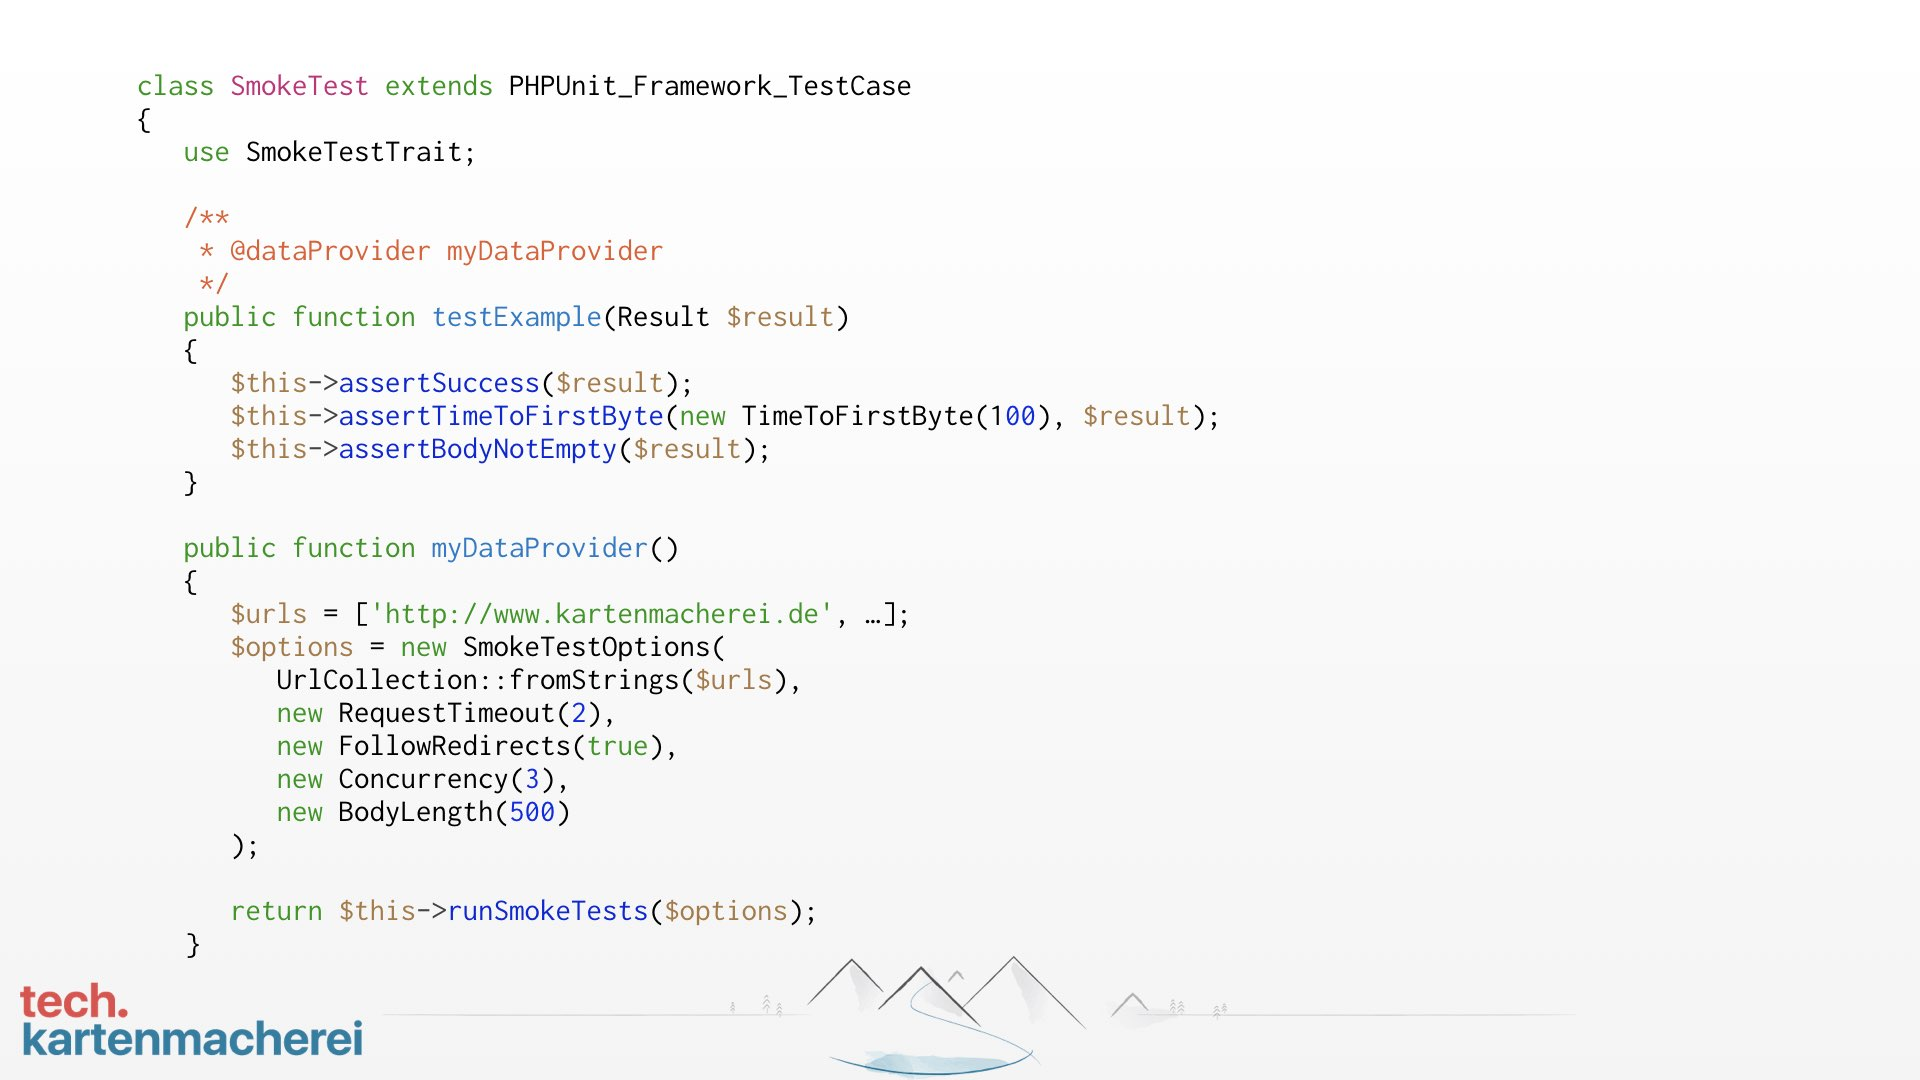 Anhand dieser Folie erklärt Sebastian Thoss wie der Beispielcode funktioniert